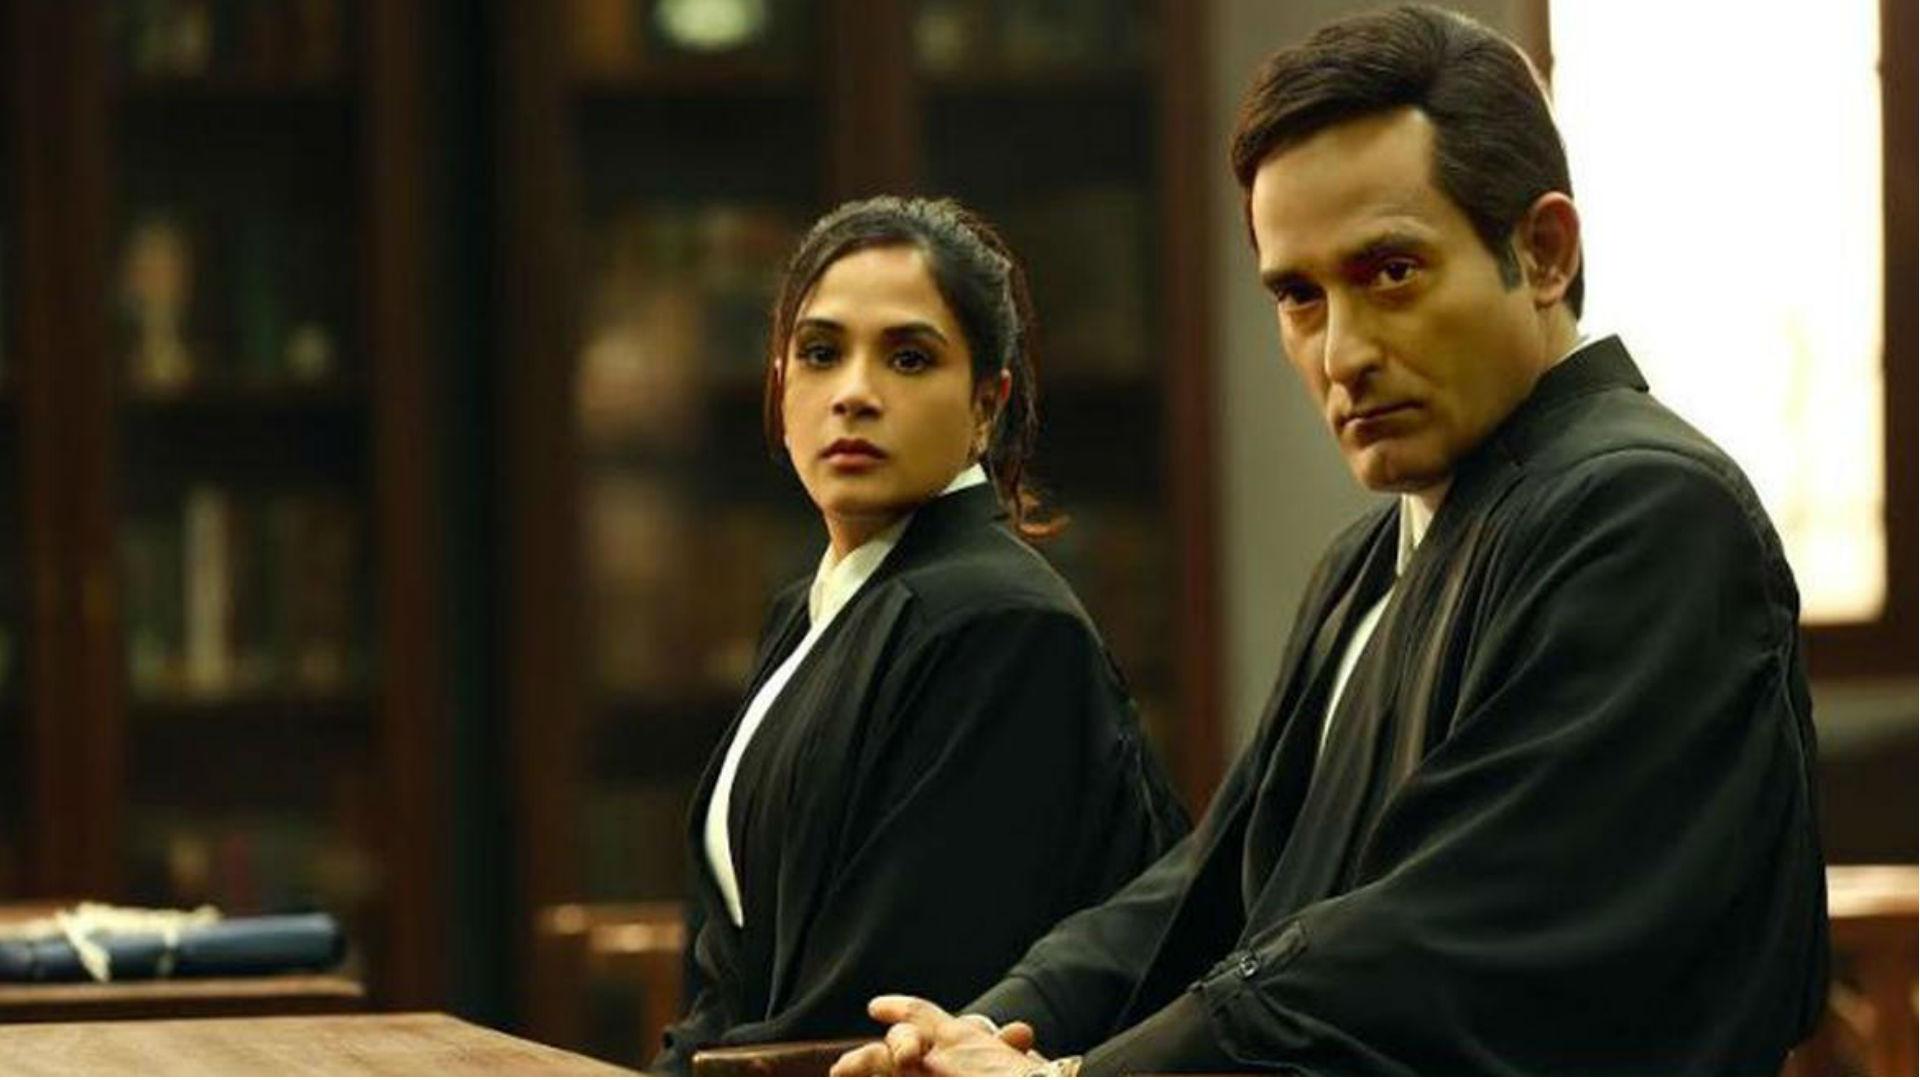 Section 375 Movie Review: अक्षय खन्ना की बेहतरीन एक्टिंग के बीच रेप केस के कई पहलुओं को उजागर करती है फिल्म